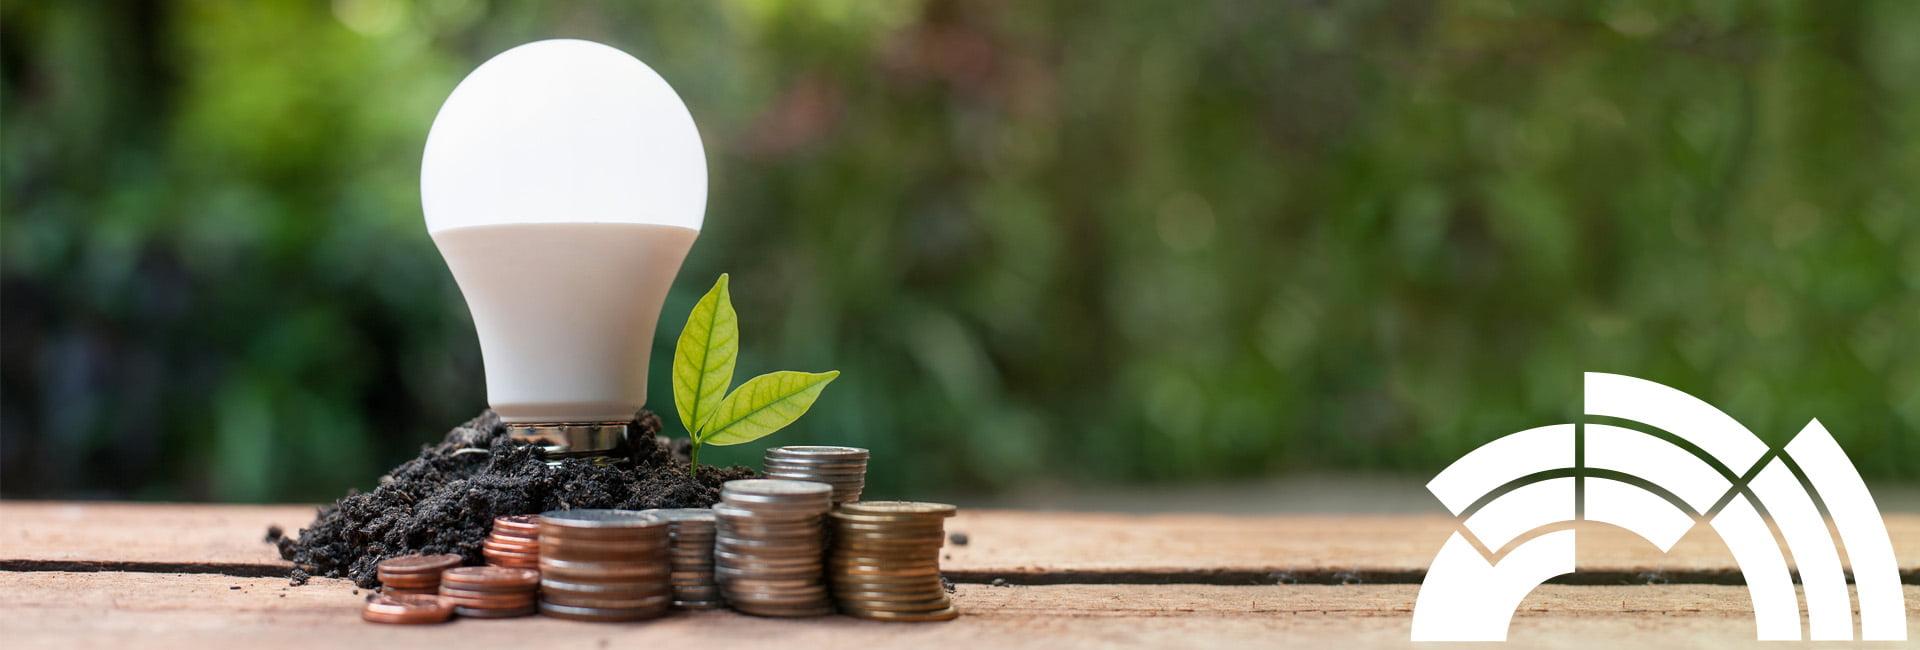 Anreize, Investitionsbeitrag, einmalige Vergütung für Photovoltaikanlagen, Bundesanreiz, kantonaler Anreiz